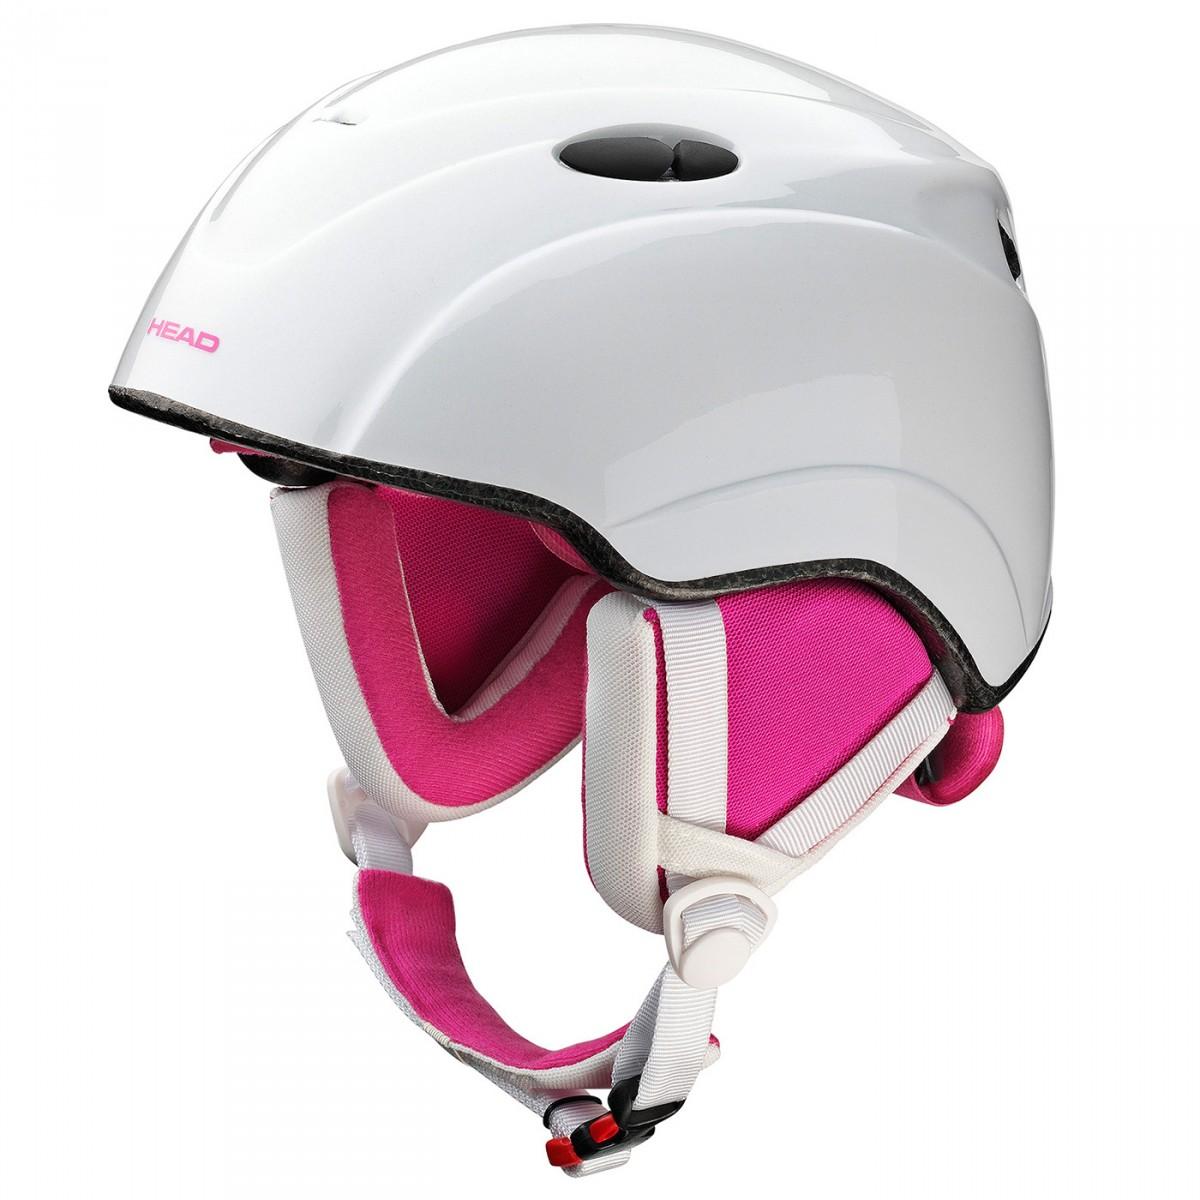 Casco sci Head Star bianco-rosa (Colore: bianco-rosa, Taglia: S/M)